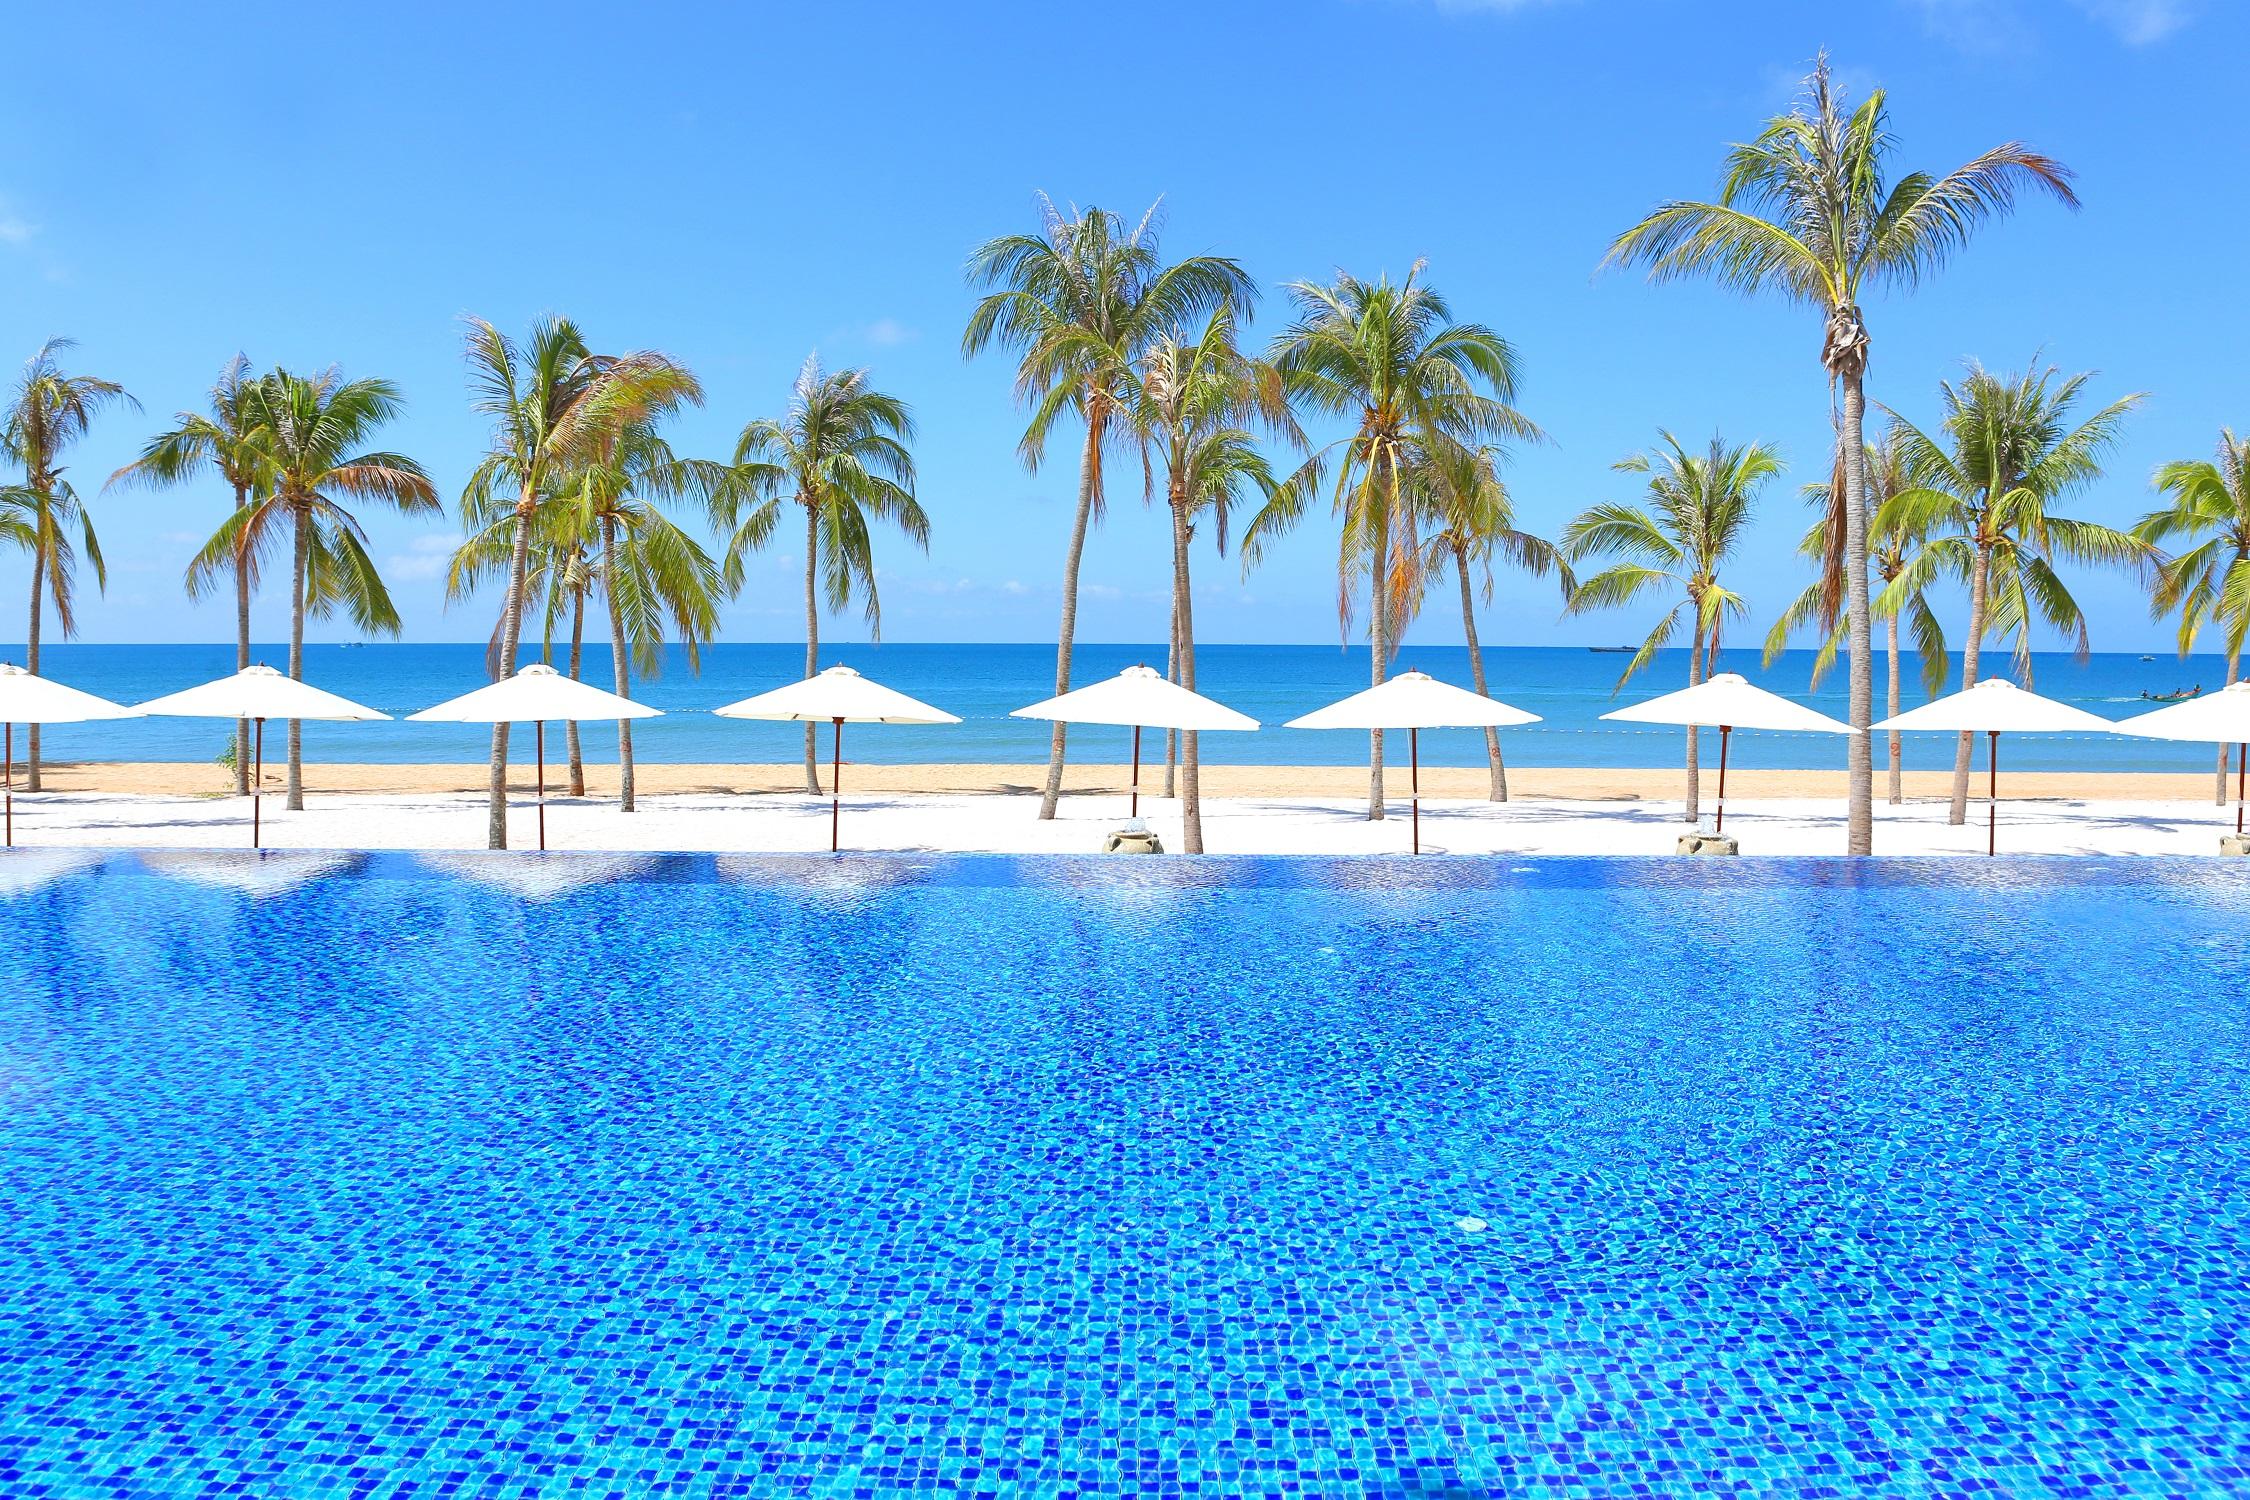 全程入住海边5钻海贝酒店,赠送市区观光巡礼游玩,赠送富国岛特色下午